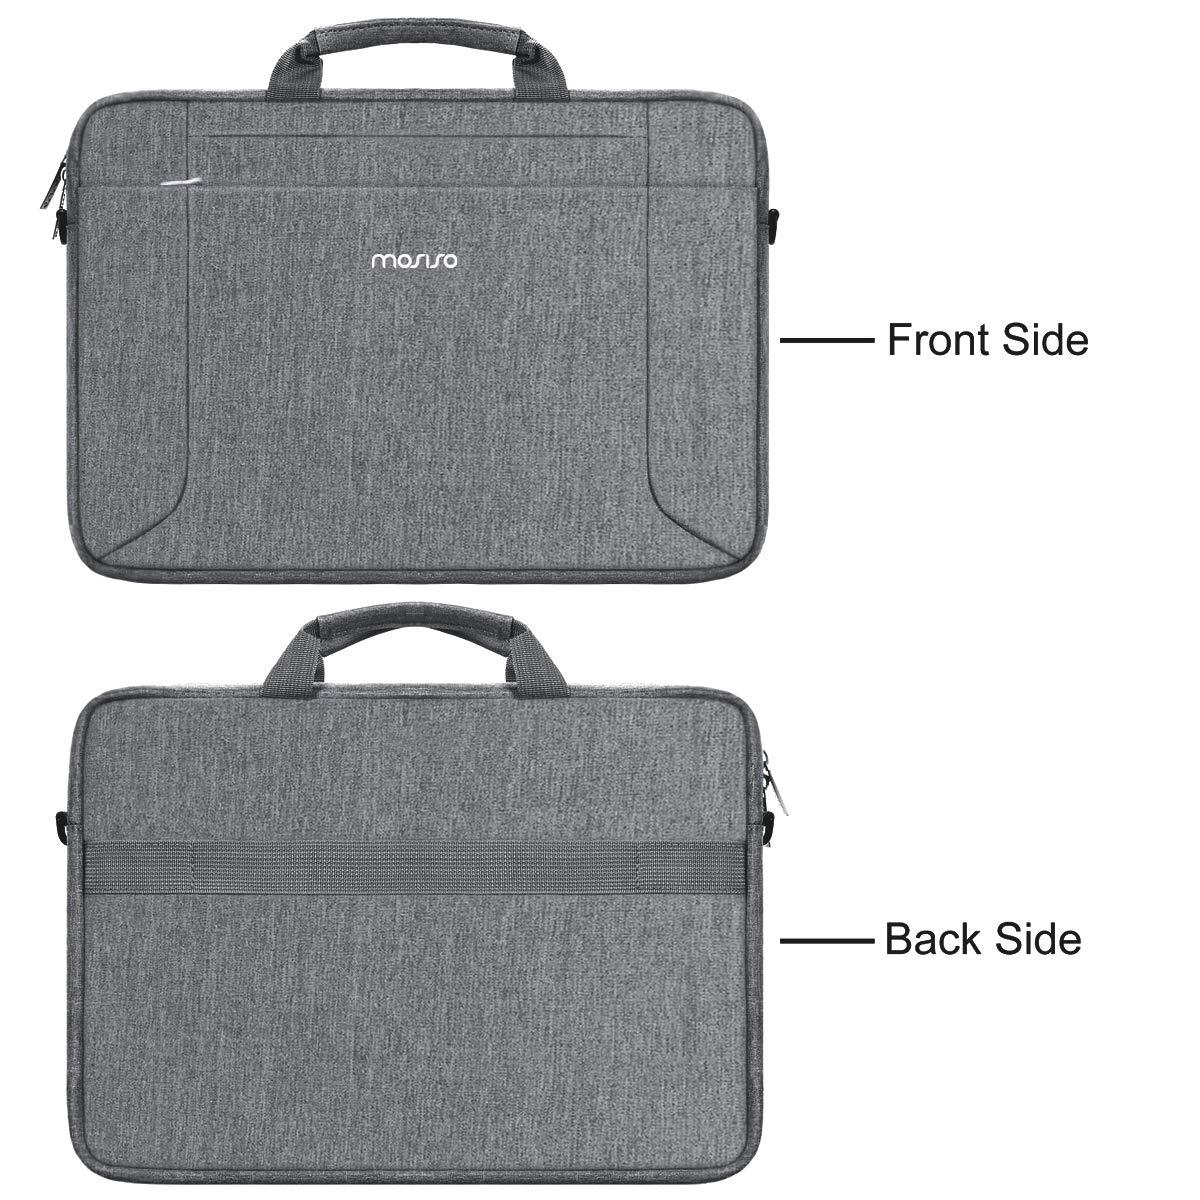 Surface Book,Cartella in Poliestere Multifunzionale,Nero MOSISO Laptop Borsa a Tracolla con Trolley Compatibile con 13-13,3 Pollici Vecchio MacBook Air 13,MacBook PRO Retina 13,Surface Laptop 2017